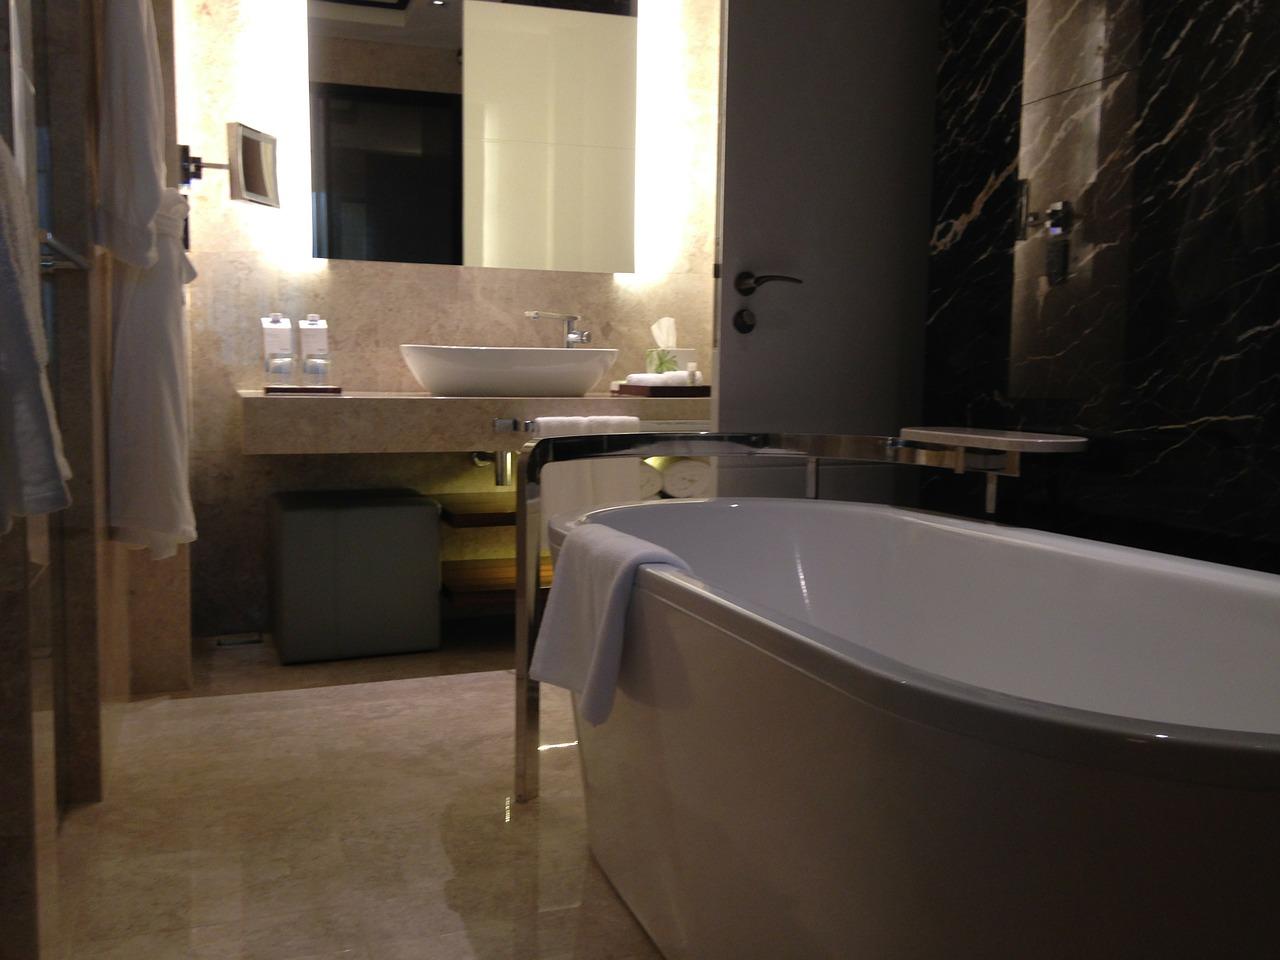 אילו אביזרים לאמבטיה חשוב שיהיה?